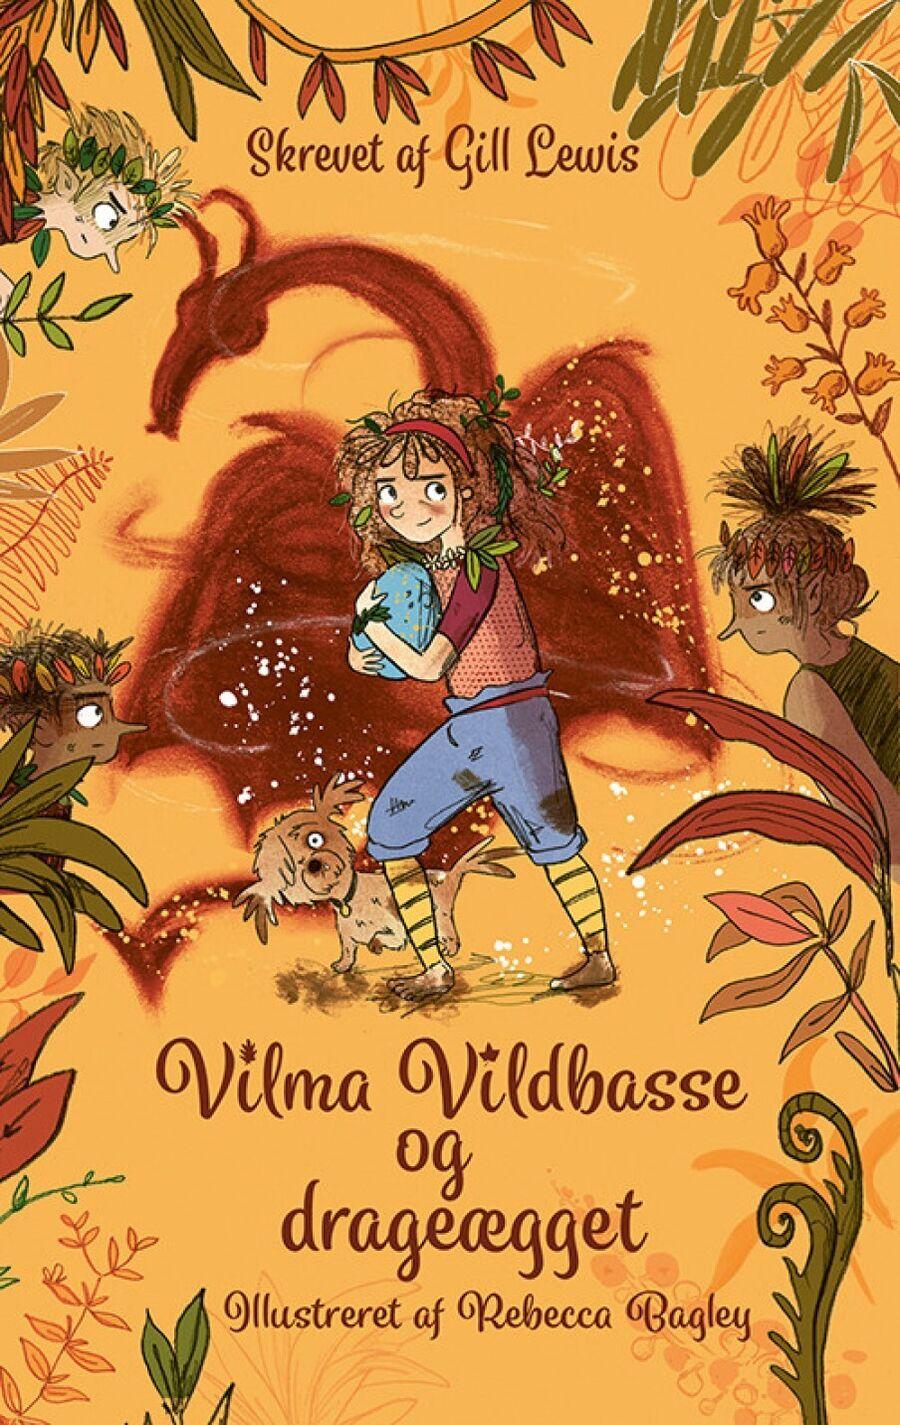 Vilma Vildbasse og drageægget